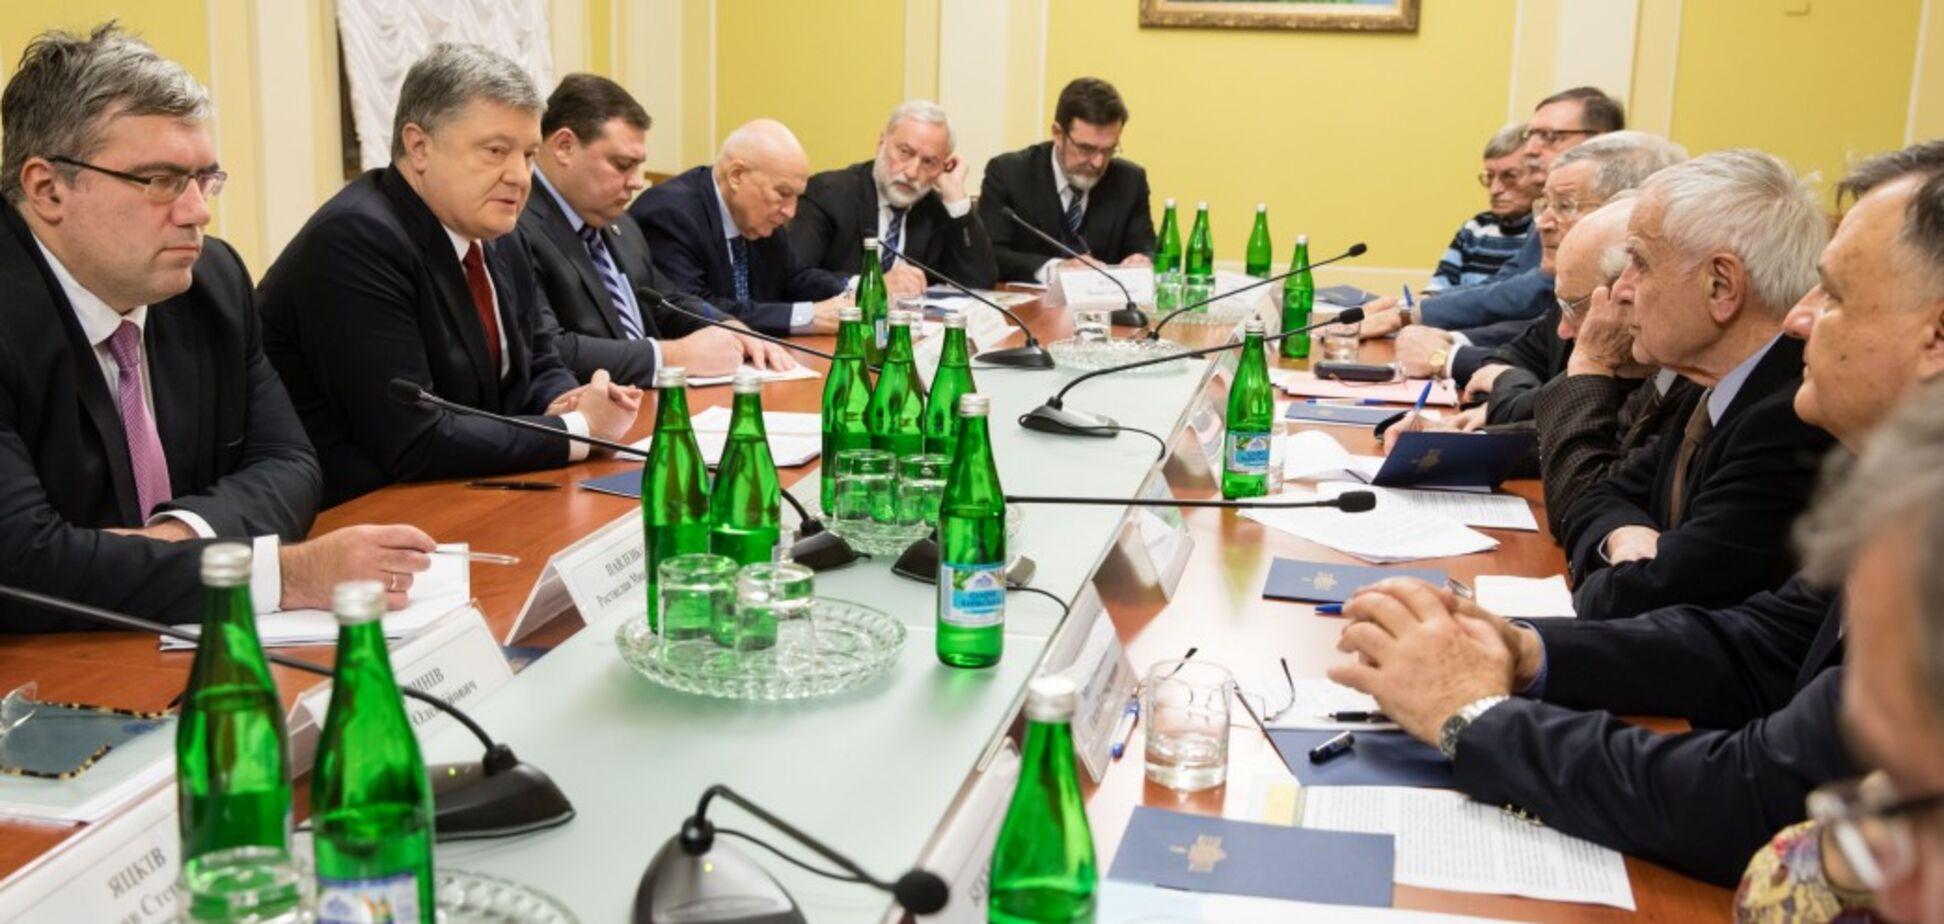 Украина готова: Порошенко выступил с тревожным заявлением о войне